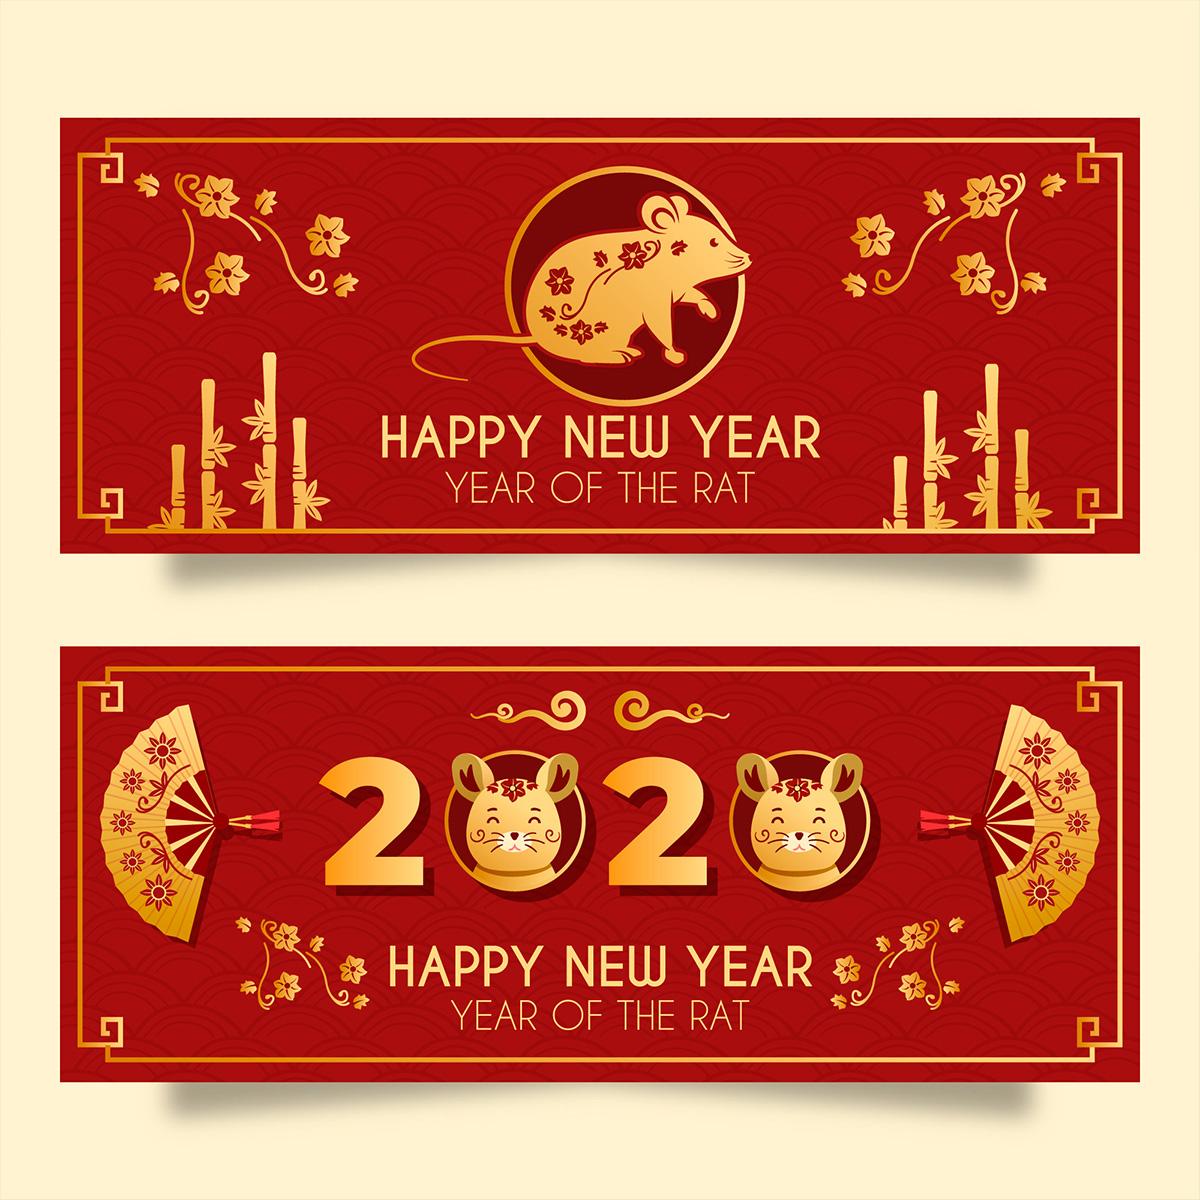 2020鼠年中国红新年快乐矢量海报素材